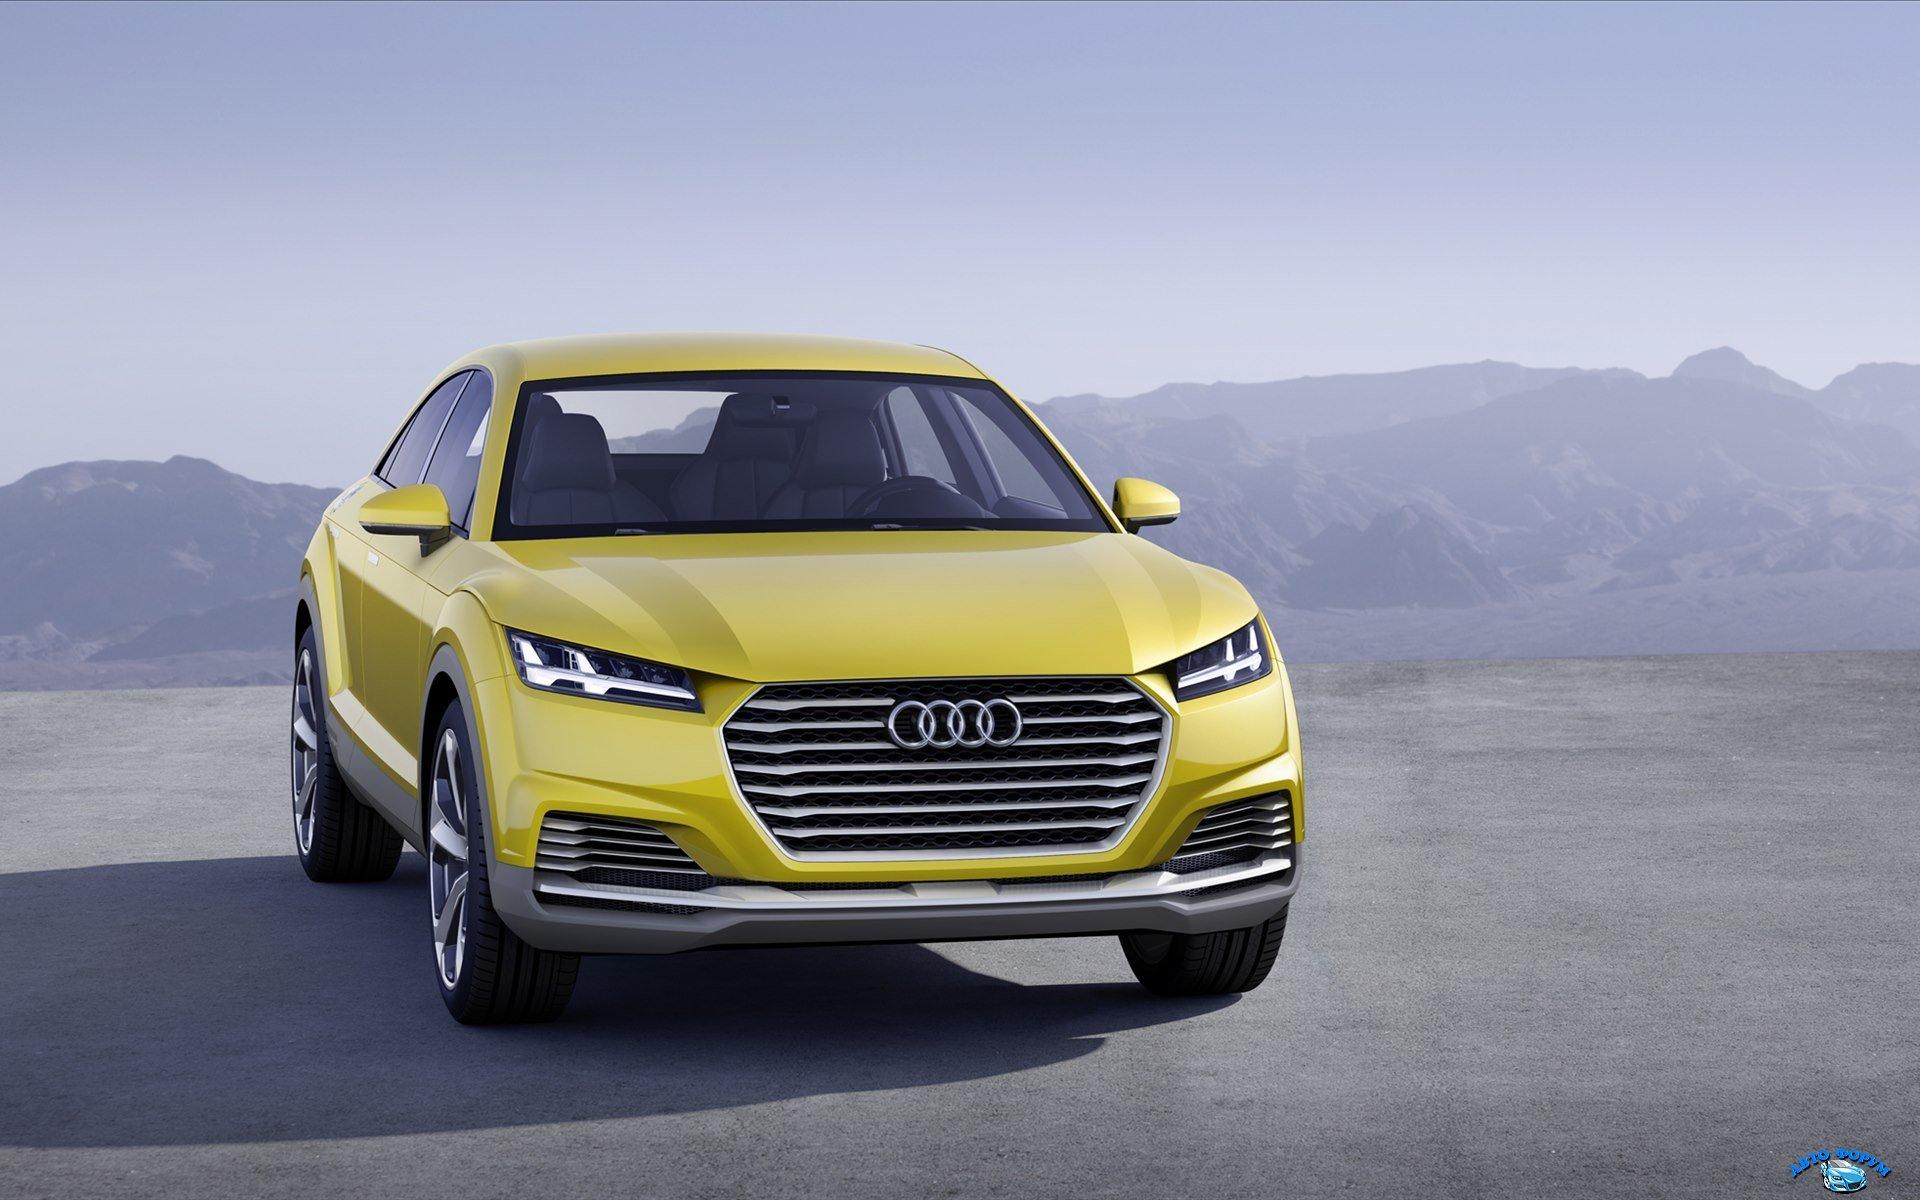 Audi-TT-offroad-concept-2014-widescreen-04.jpg